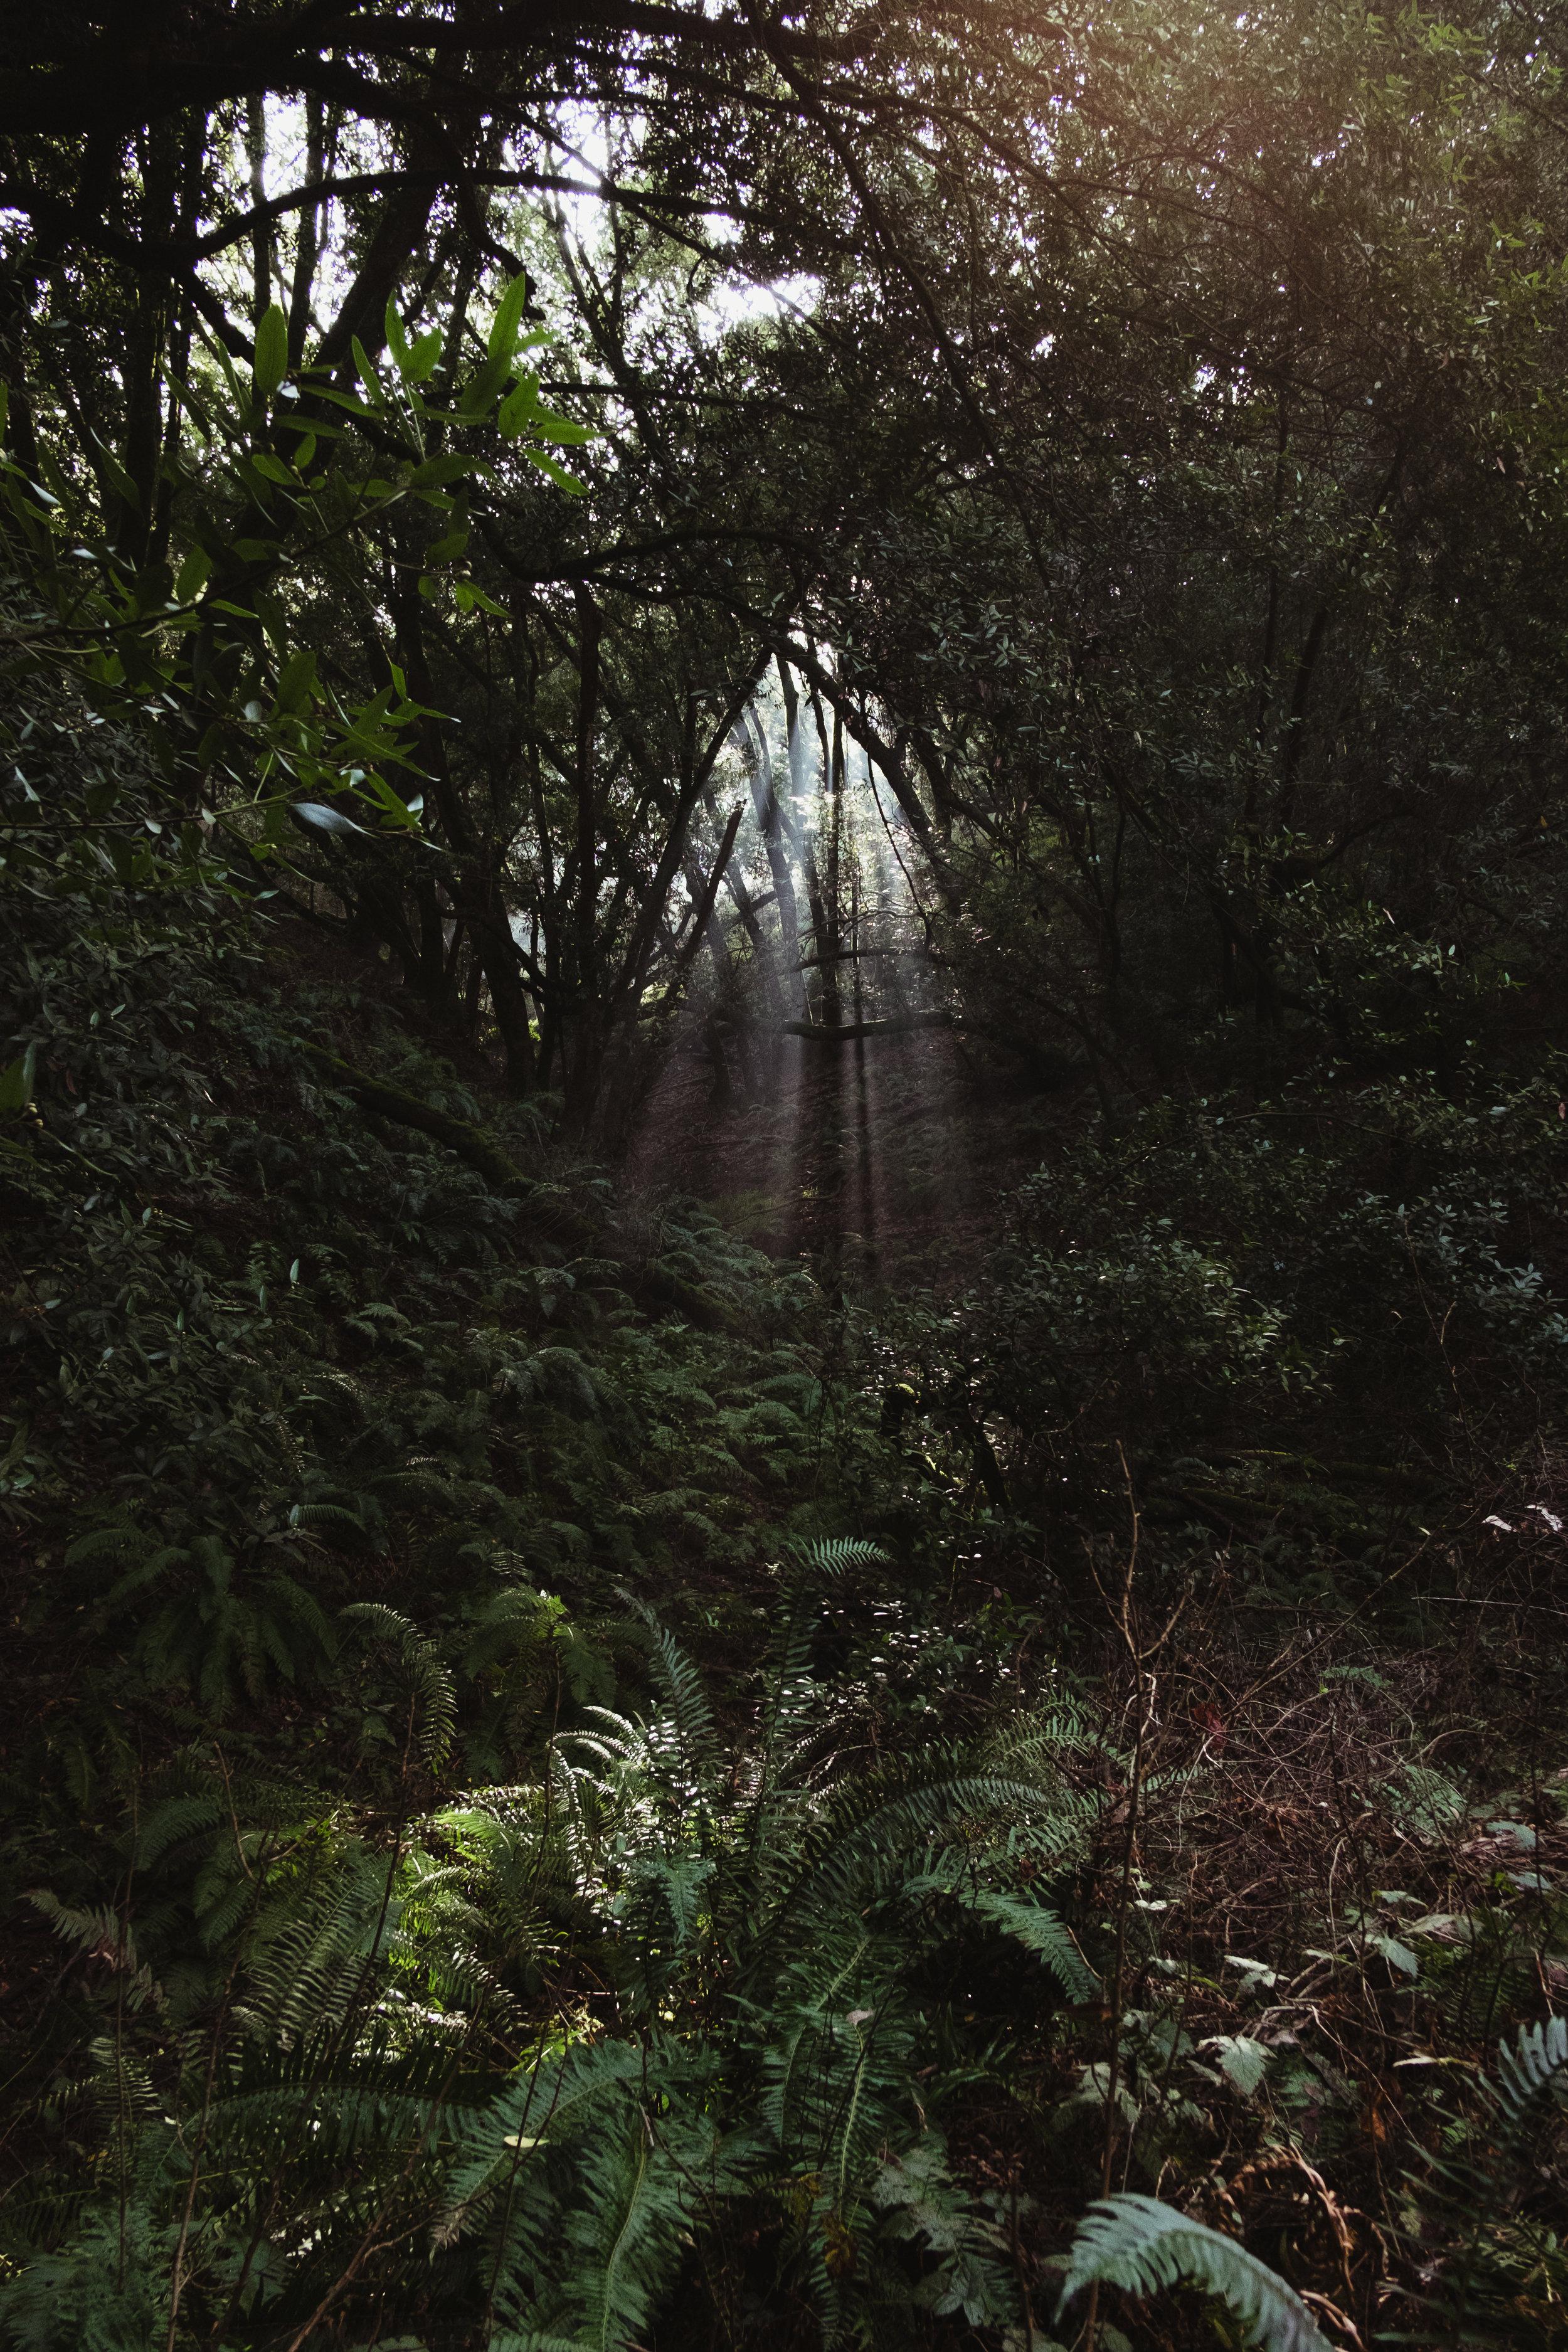 redwood-vivianchen-4141.jpg